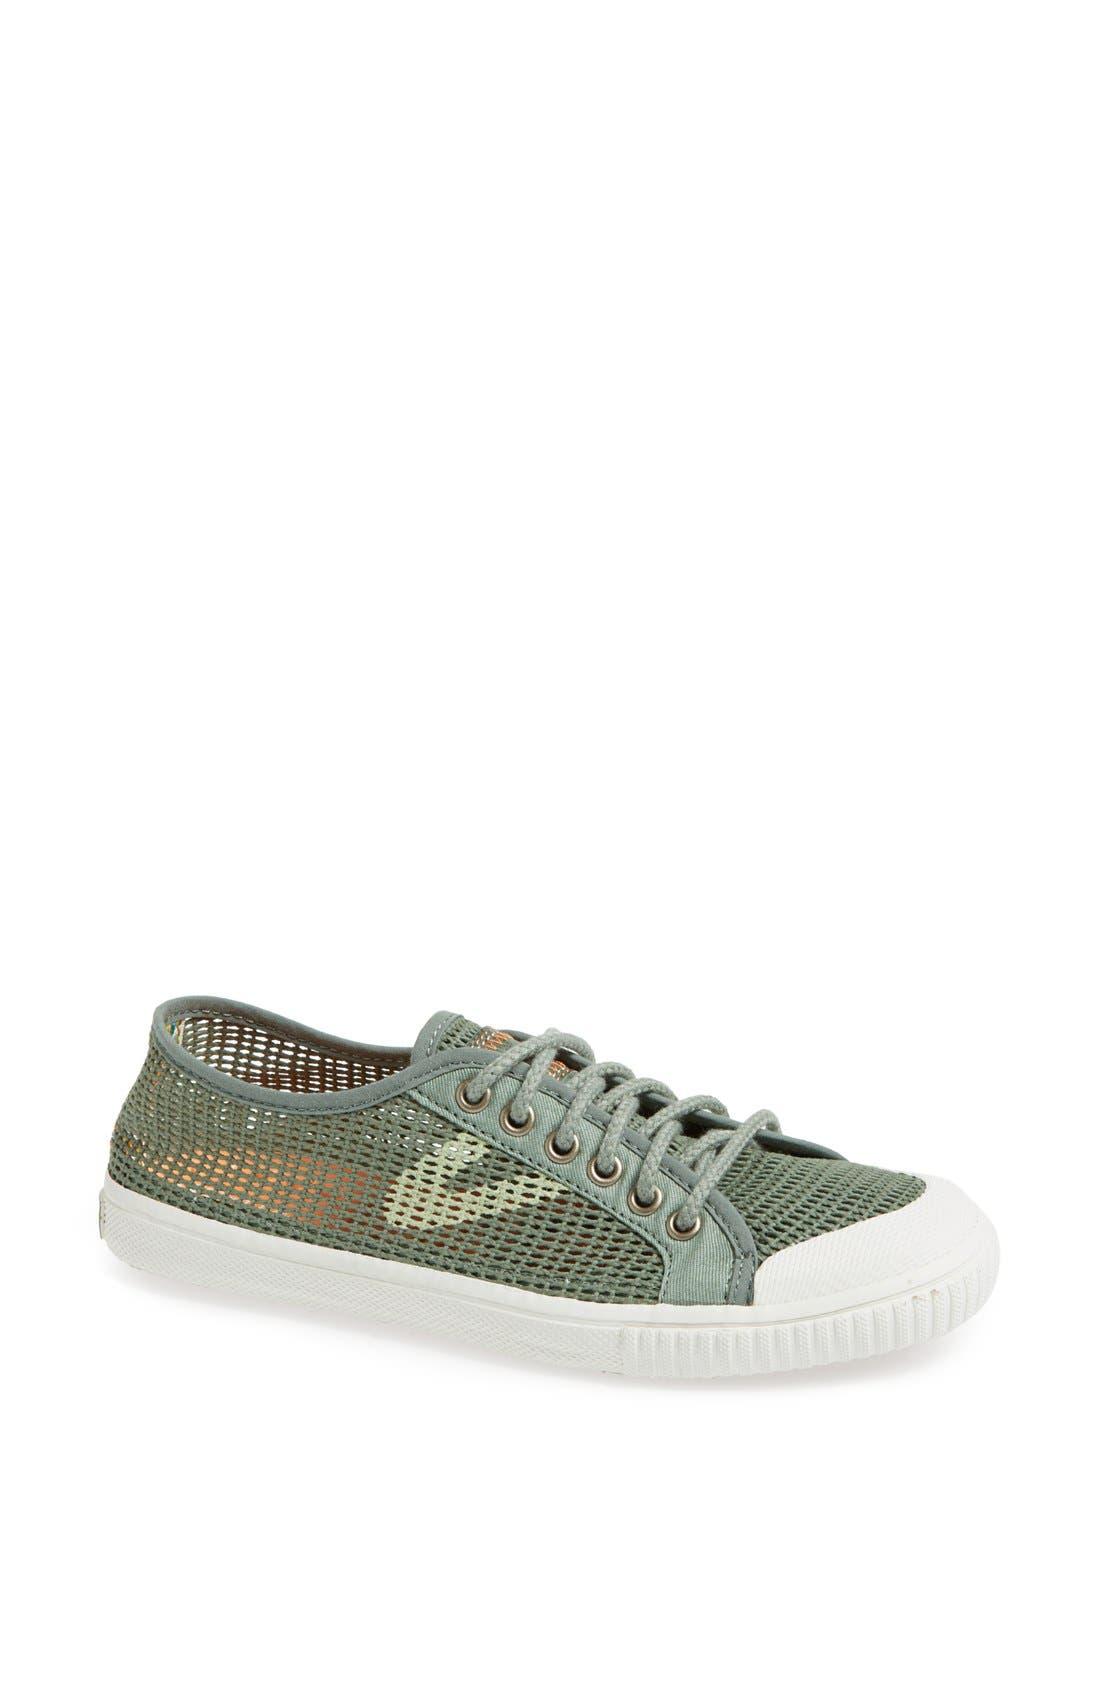 Alternate Image 1 Selected - Tretorn 'Skesti' Sneaker (Women)